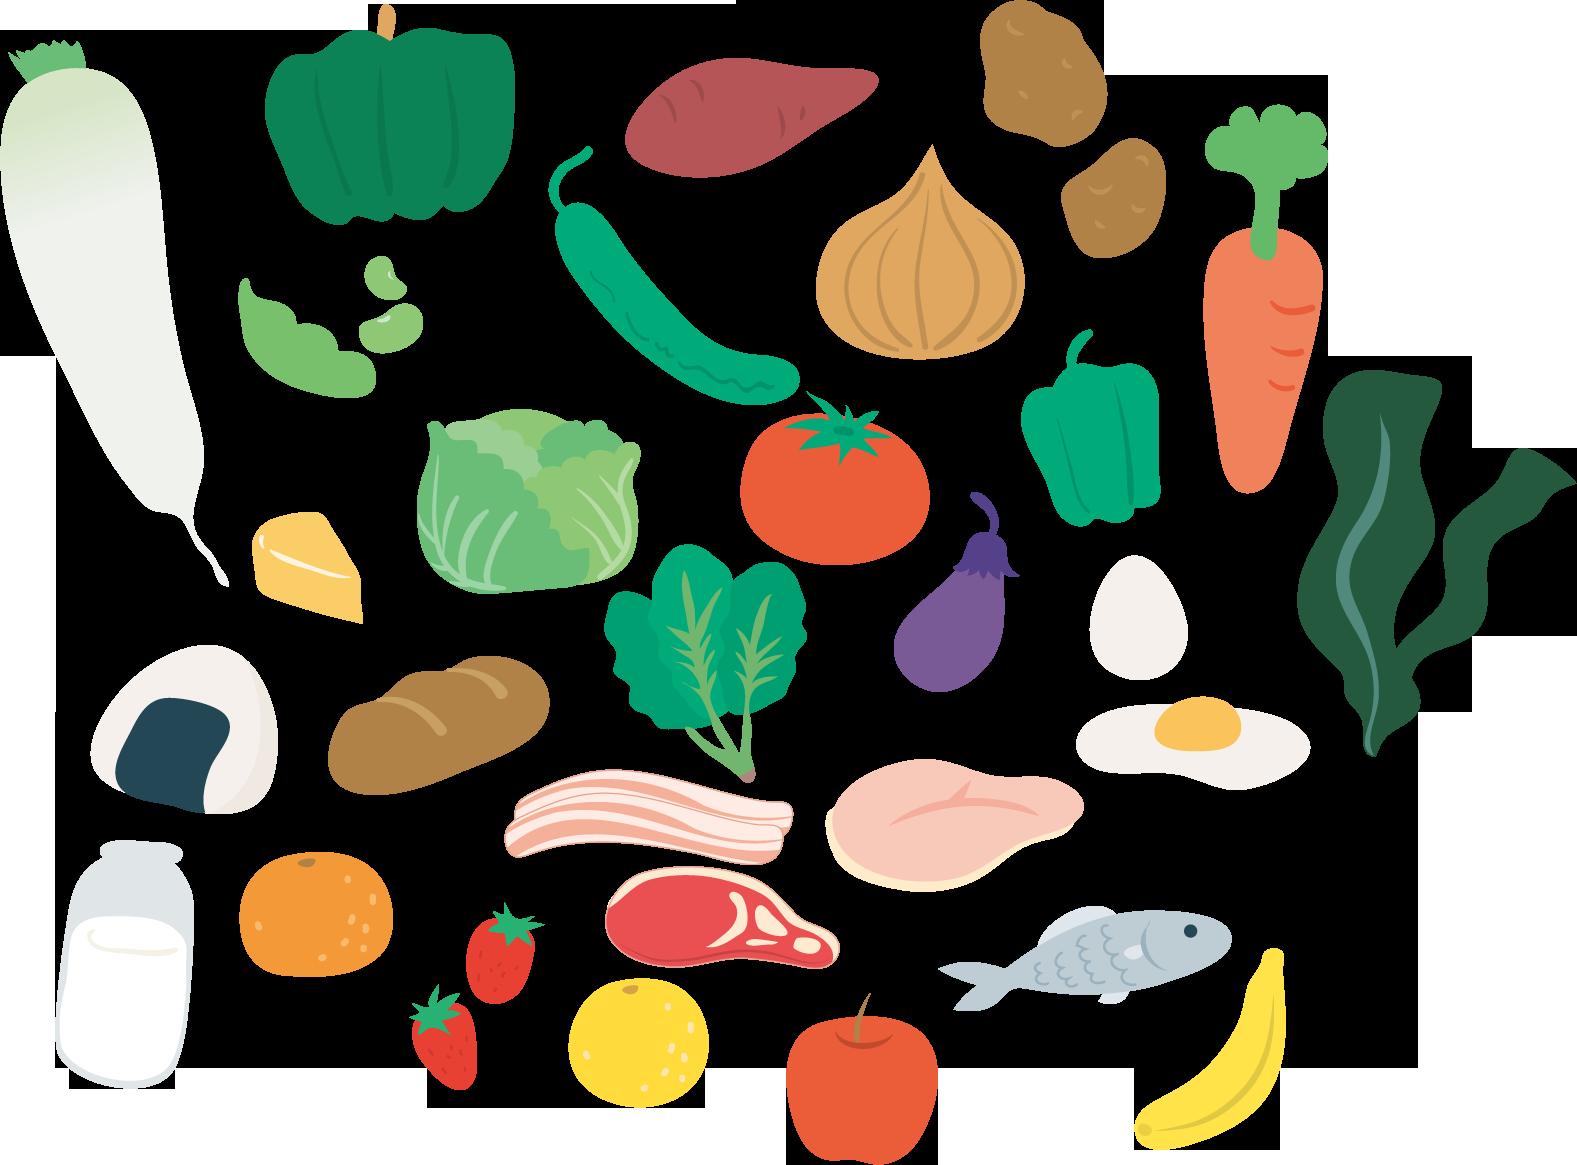 便秘改善に役立つ食べ物、食生活